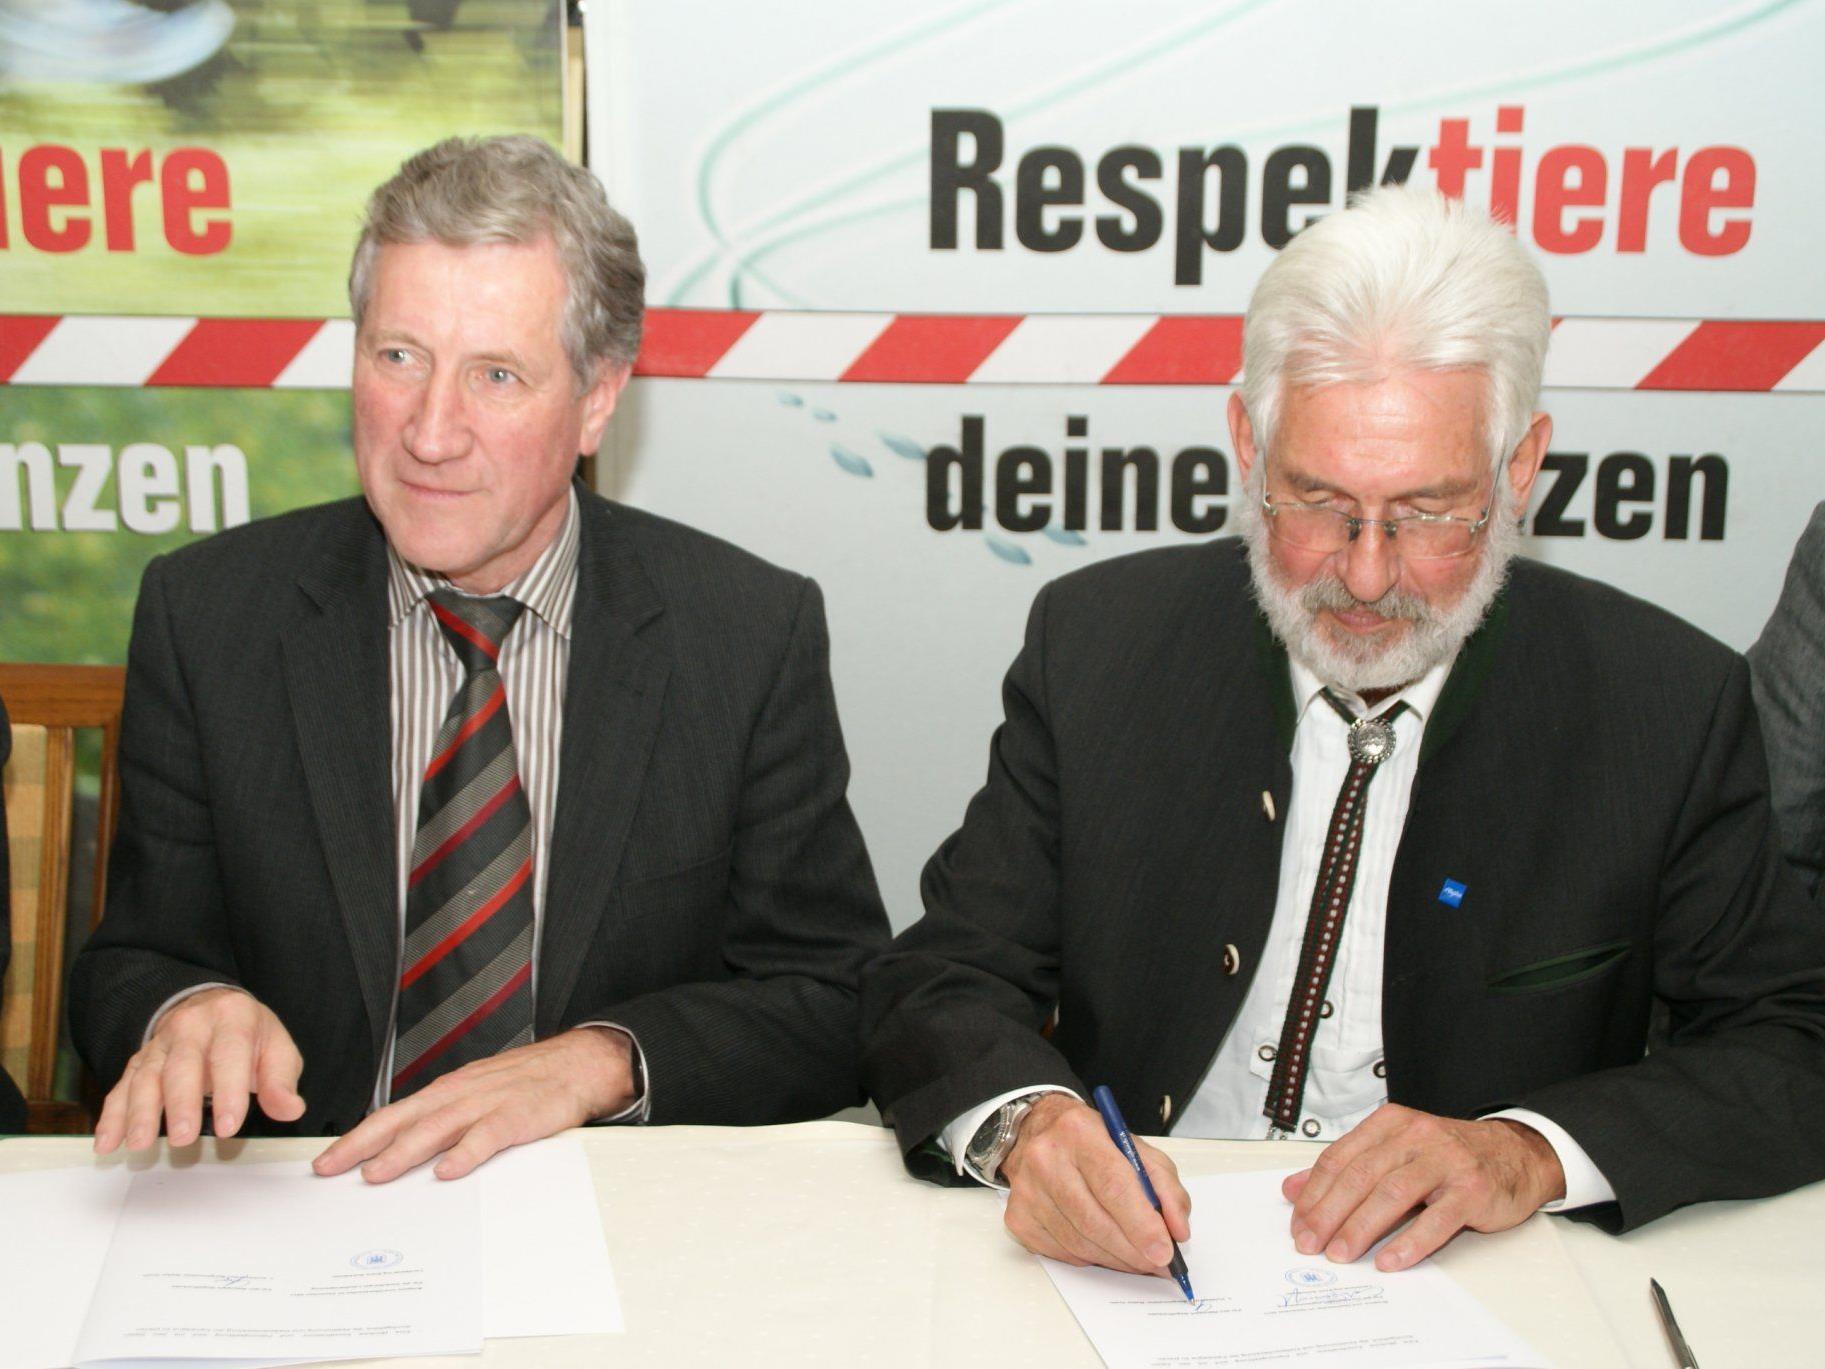 Landesrat Schwärzler und der 1. Vorsitzende des Naturparks Nagelfluhkette, Bürgermeister Walter Grath aus Oberstaufen, bei der Vertragsunterzeichnung.